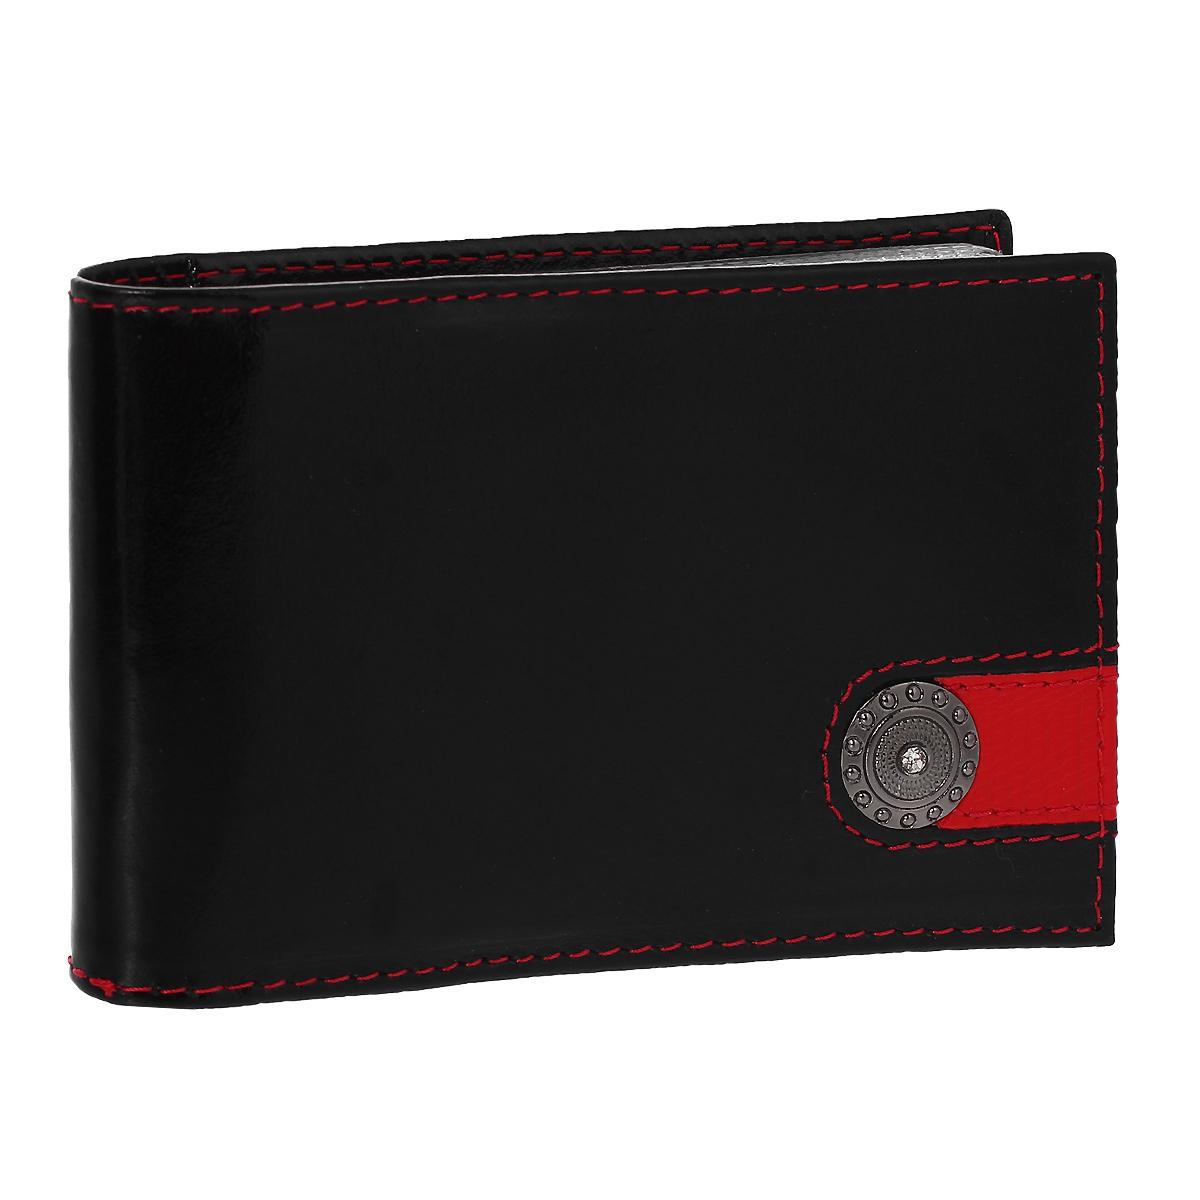 Визитница Dimanche Panthere Noire, цвет: черный. 3273430329Визитница Panthere Noire - это стильный аксессуар, который не только сохранит визитки и кредитные карты в порядке, но и, благодаря своему строгому дизайну и высокому качеству исполнения, блестяще подчеркнет тонкий вкус своего обладателя. Визитница выполнена из натуральной высококачественной кожи, оформлена металлическим элементом со стразой и содержит внутри съемный блок из 16 прозрачных пластиковых вкладышей, рассчитанных на 32 визитки.Визитница Panthere Noire станет великолепным подарком ценителю современных практичных вещей. Изделие упаковано в фирменную коробку из картона. Характеристики:Материал: натуральная кожа, пленка ПВХ, металл. Цвет: черный. Размер визитницы: 10,5 см х 6,5 см х 1,5 см.